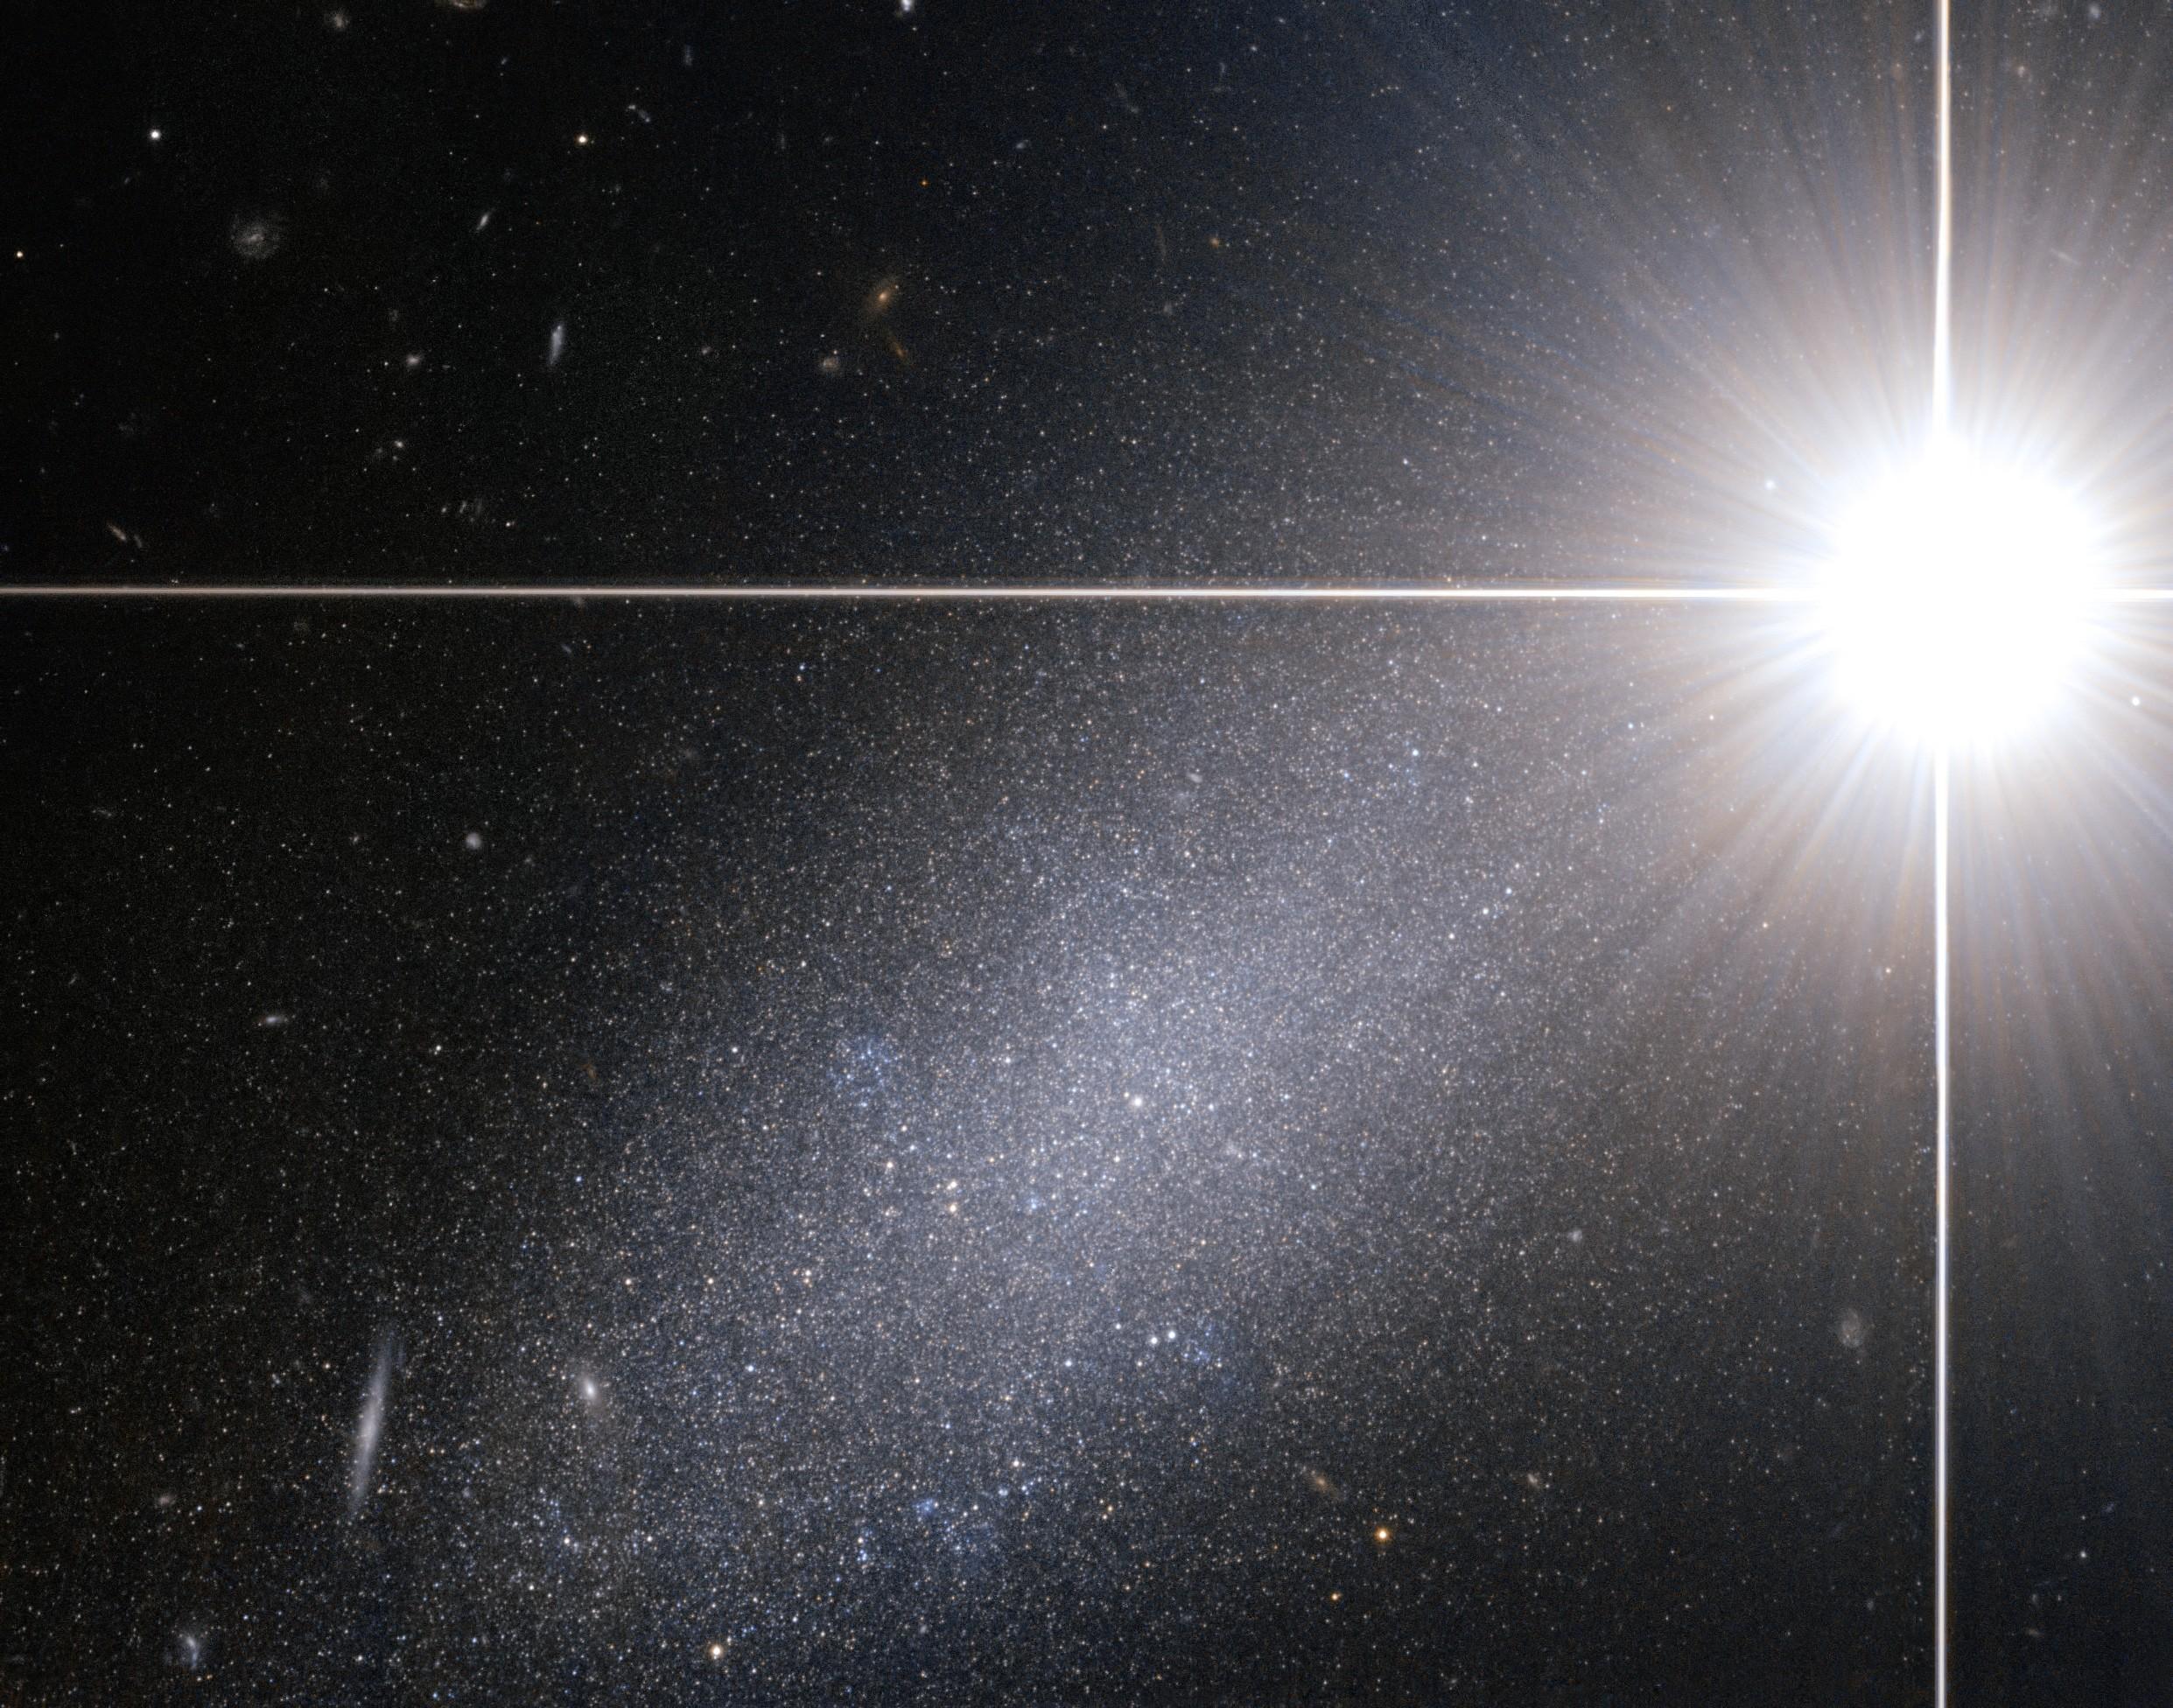 Galáxia anã encontrada dentro da constelação de Draco (Foto: ESA/Hubble)